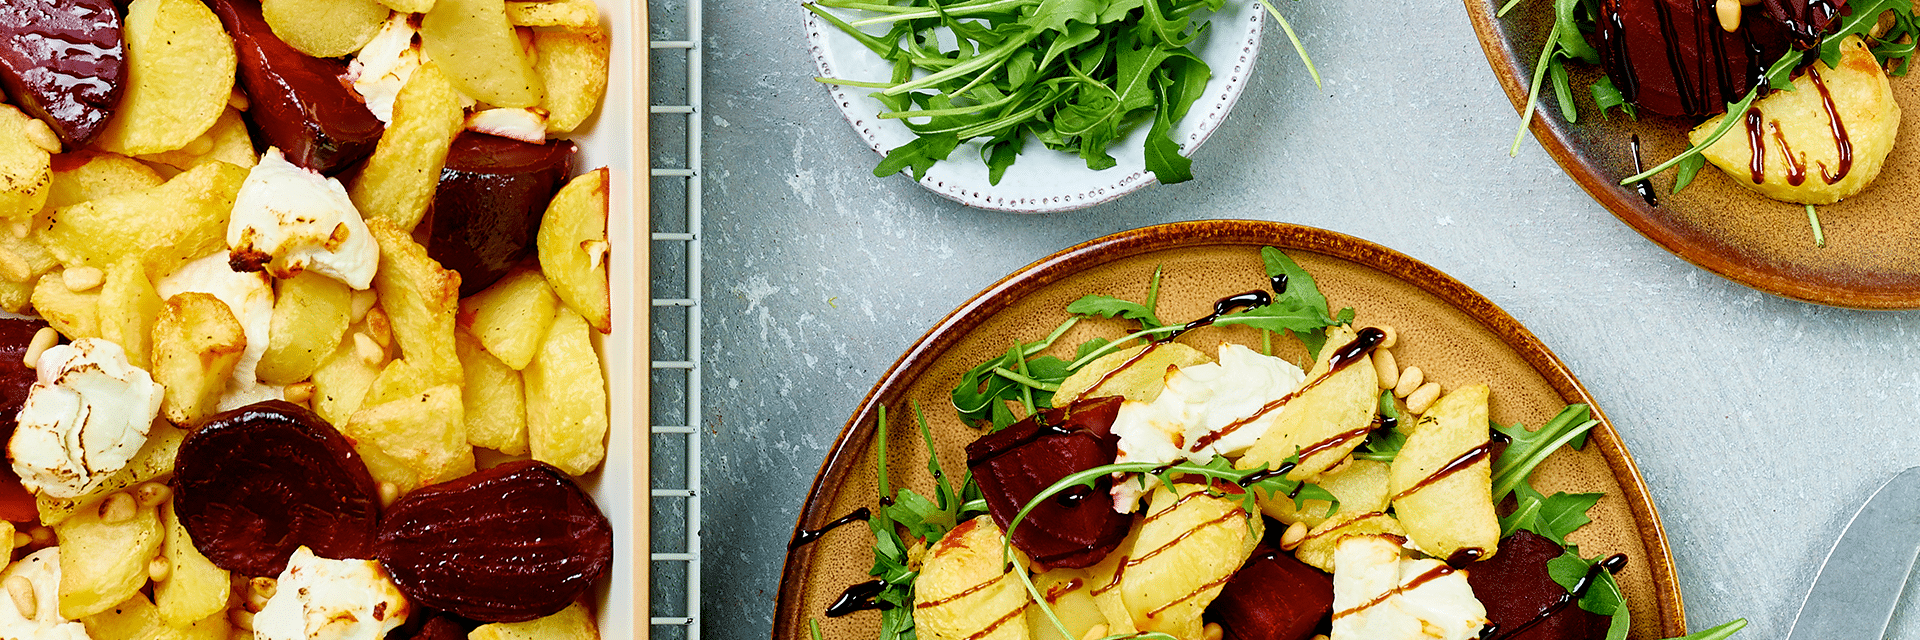 Ovenschotel met aardappel, biet en geitenkaas